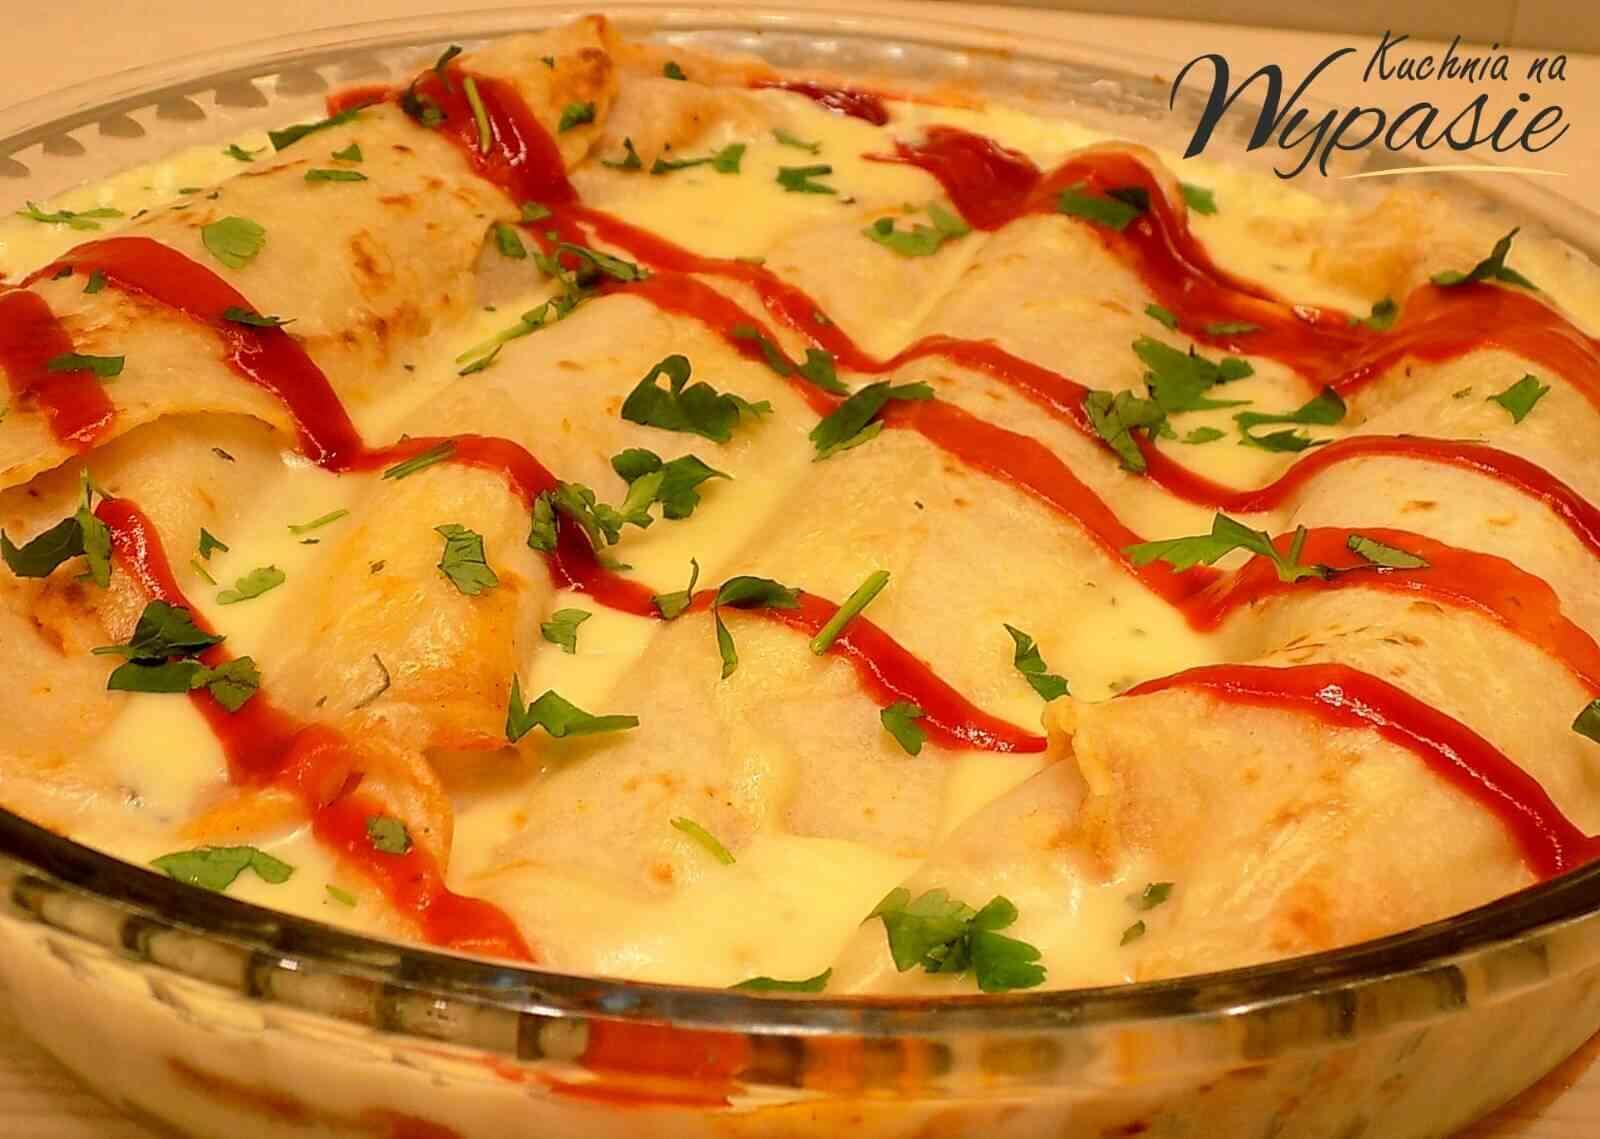 Naleśniki zapiekane z kurczakiem i serem